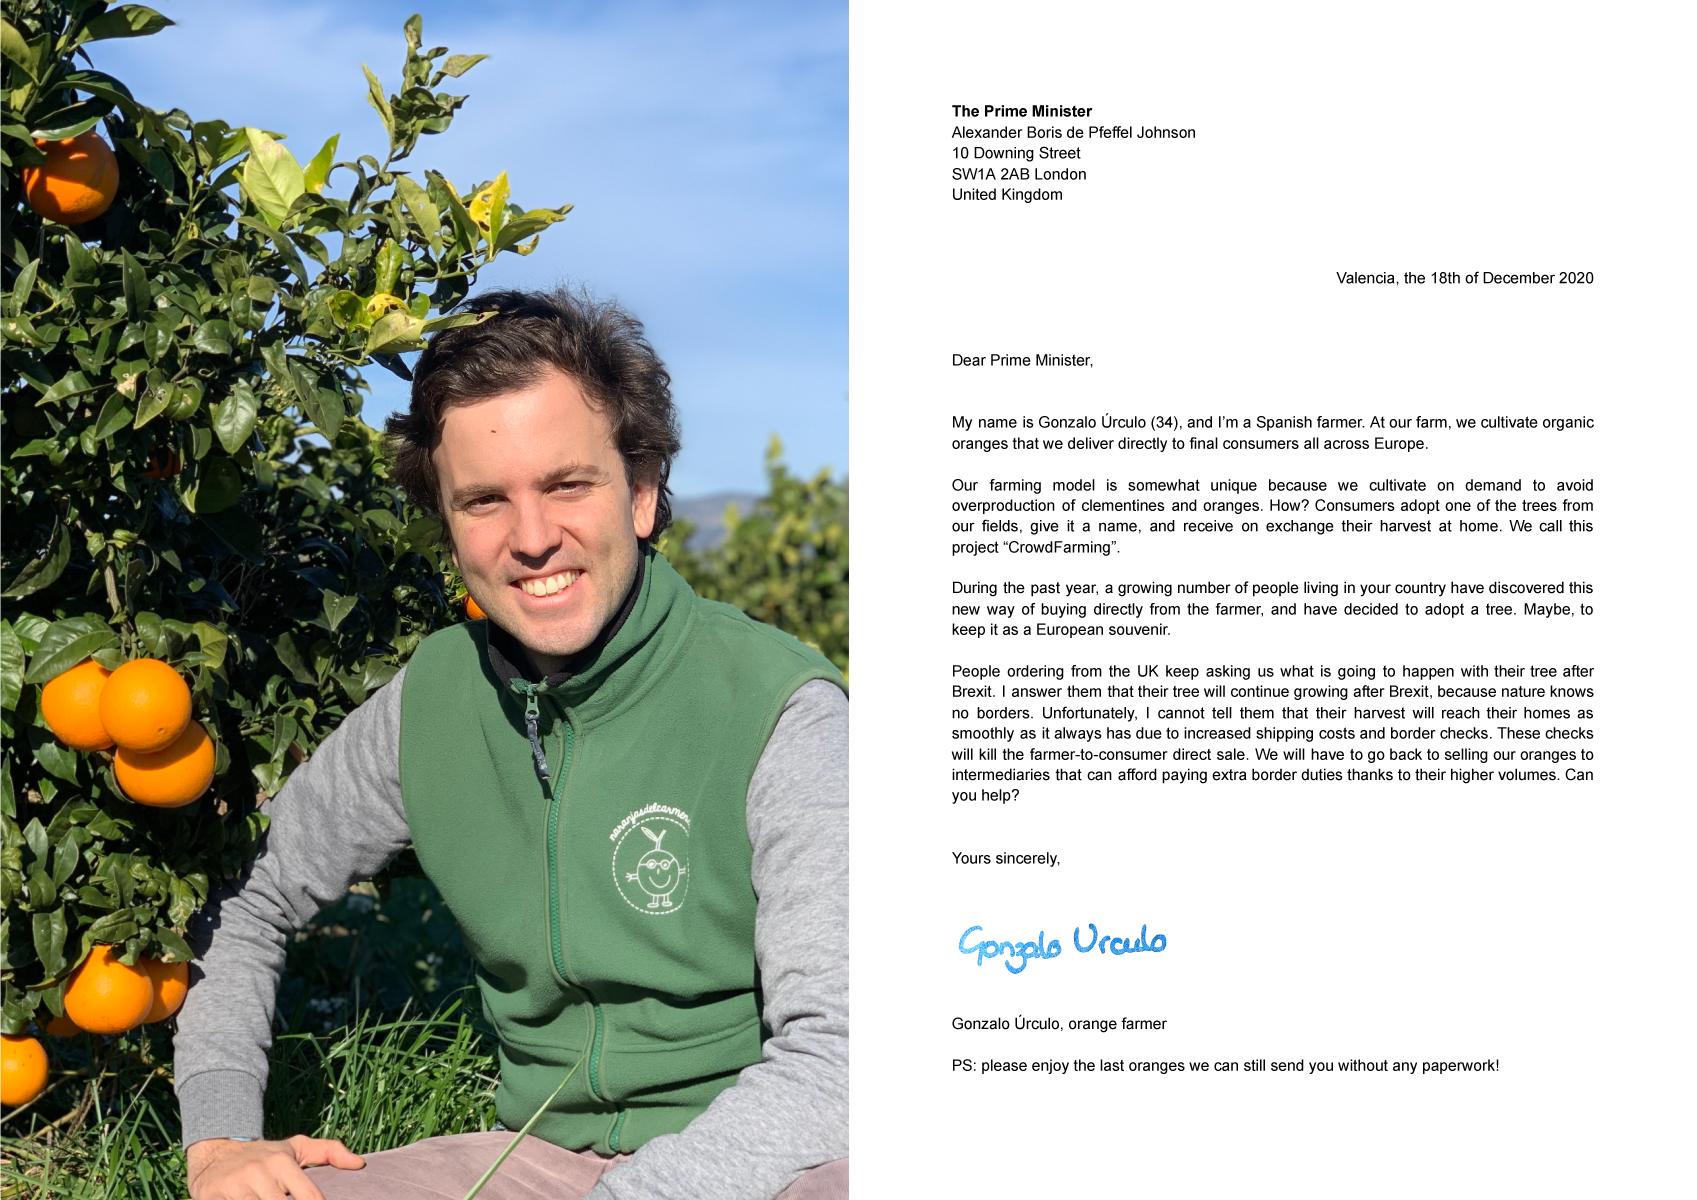 El agricultor Gonzalo Úrculo en un campo de naranjos y una carta al primer ministro británico